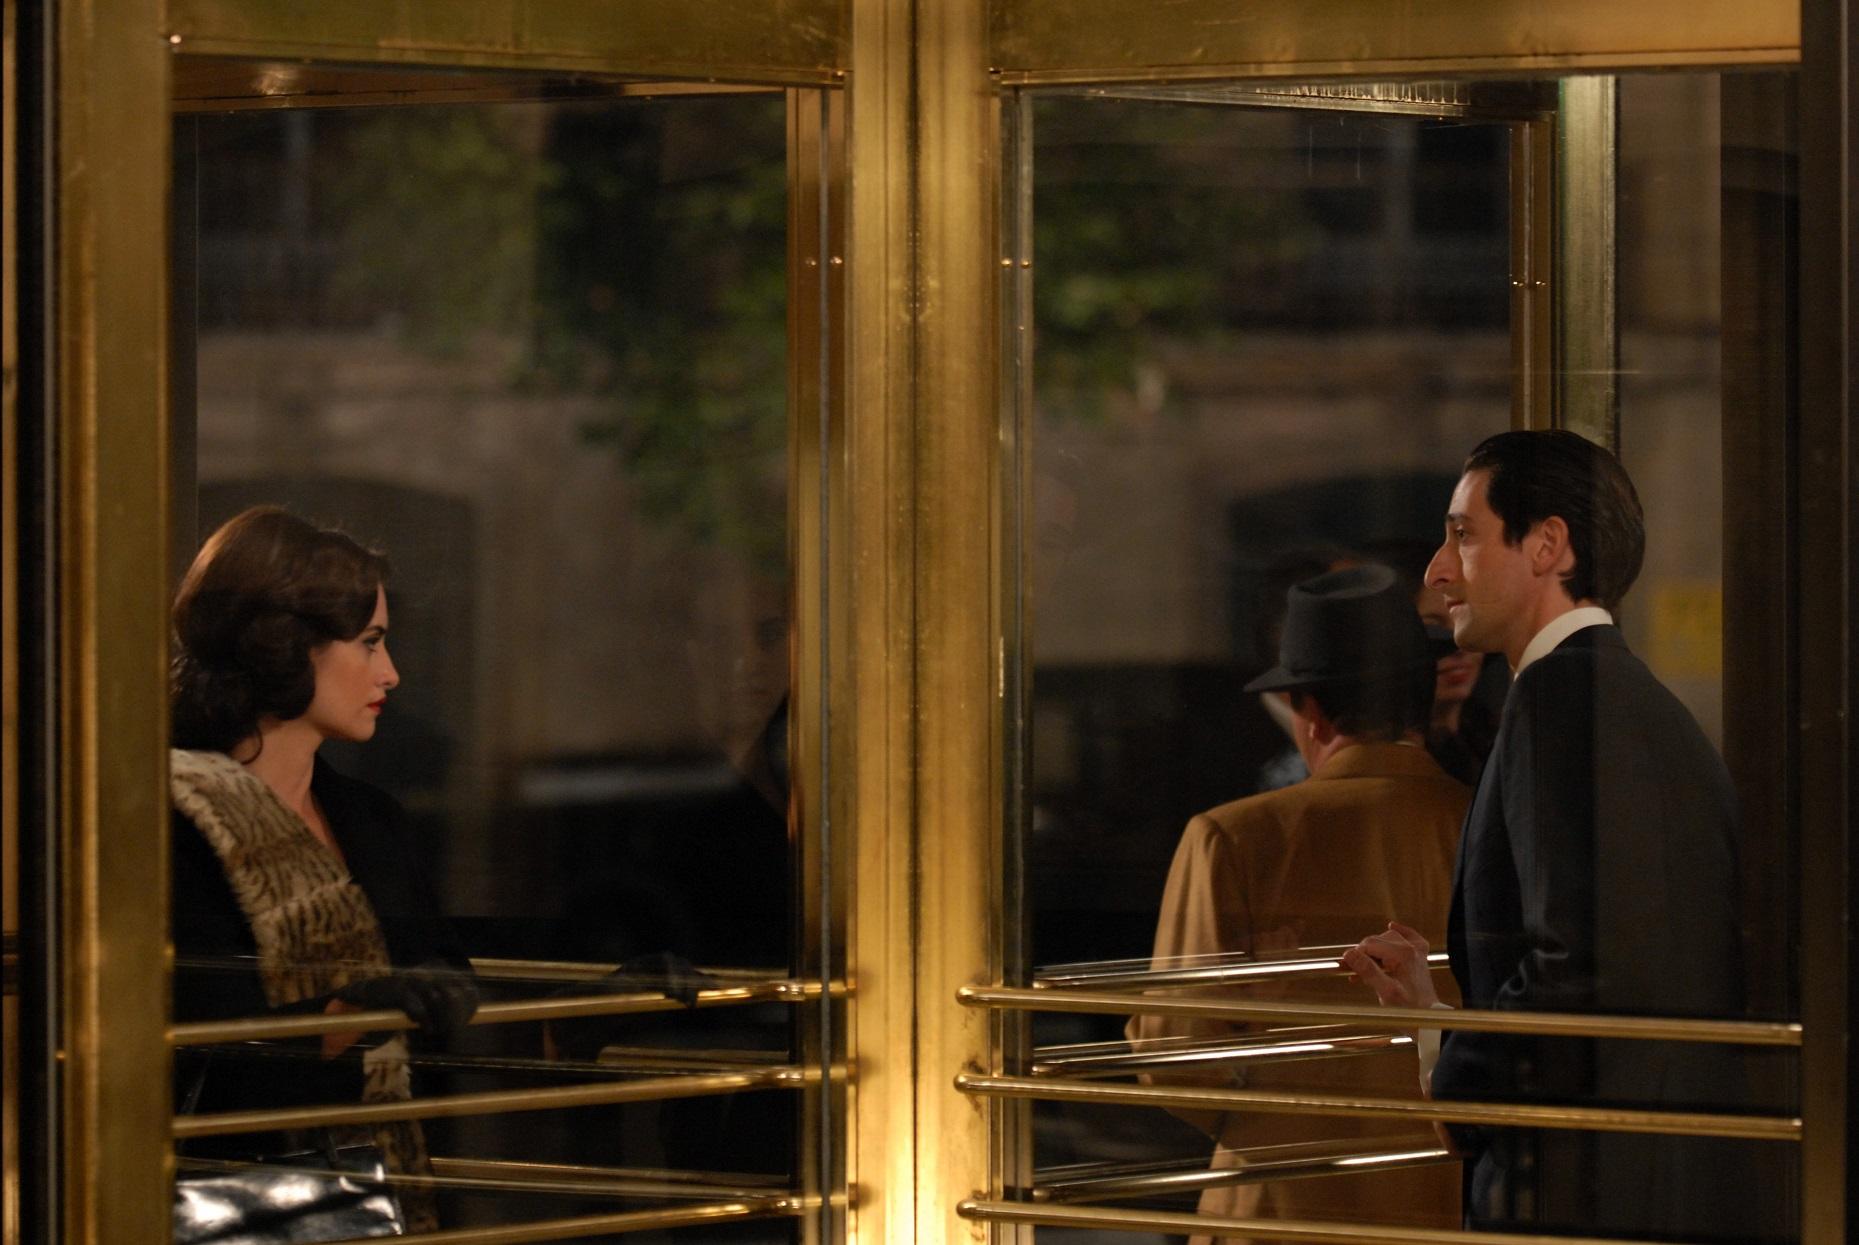 Se os personagens presos na porta giratória fossem sempre a Penelope Cruz e Adrien Brody , a vida do dr. Big Data seria muito mais simples. Foto Kobal / The Picture Desk